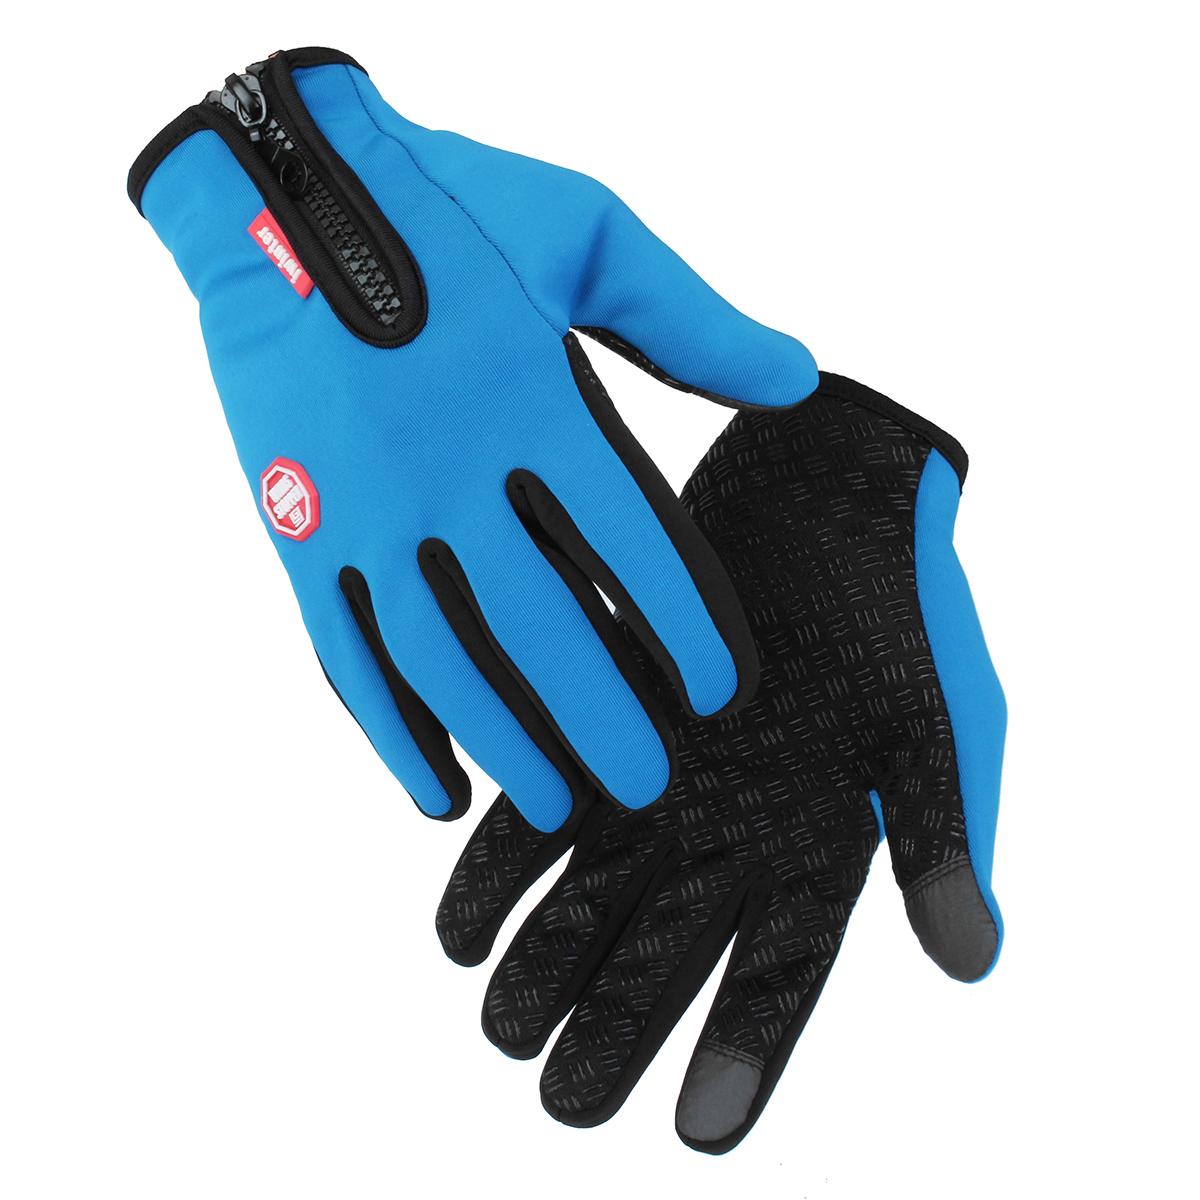 ЭкранTouchBikeПерчаткиВесенняяосень Keep Warm Moto Перчатки Full Finger Motorbike унисекс